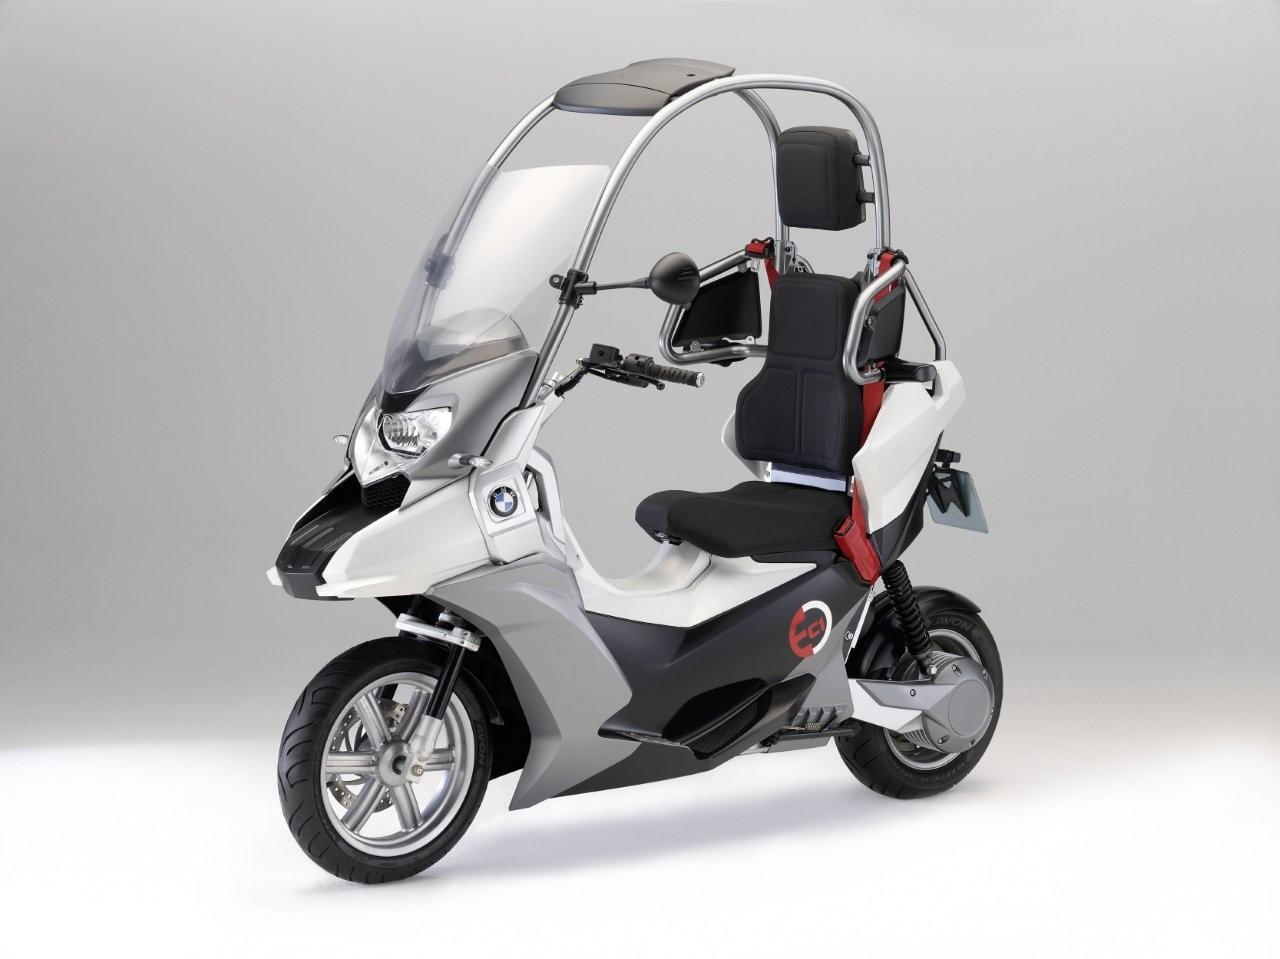 89e2844cd5e BMW C1-E  moto coberta e movida a eletricidade – ALL THE CARS